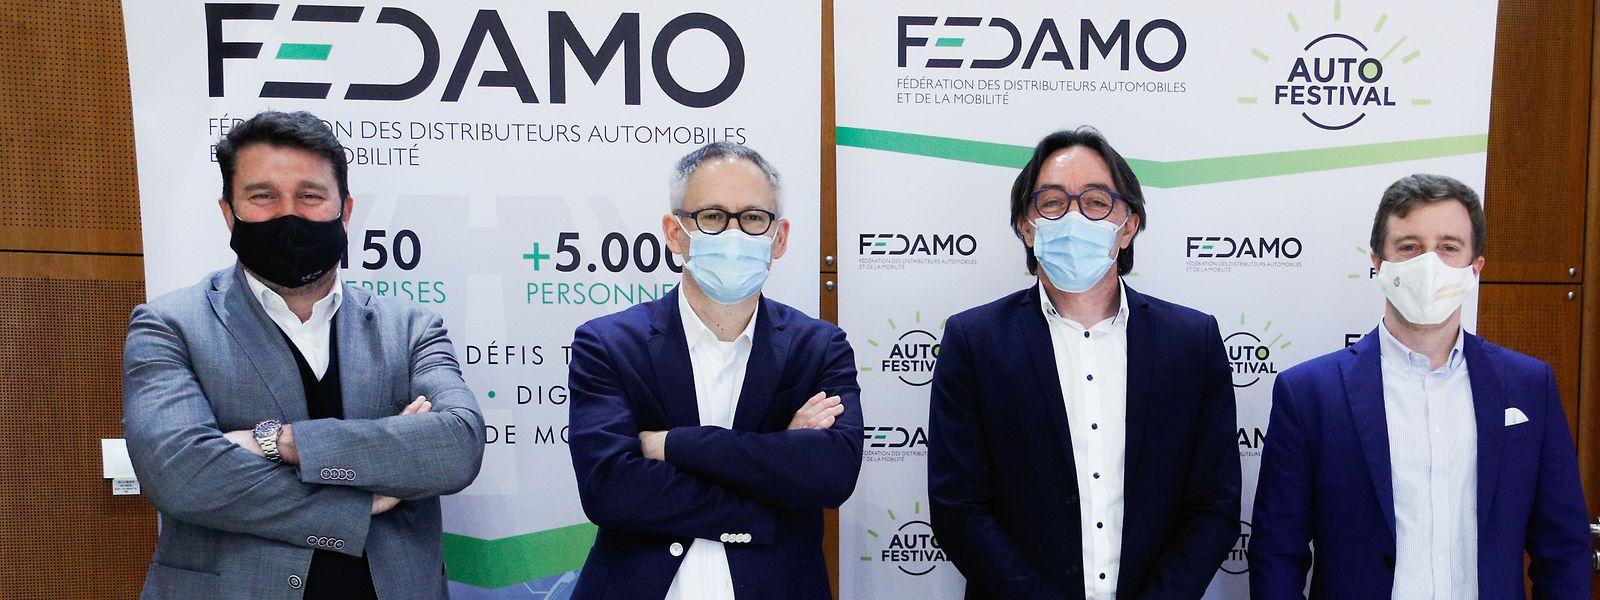 Promis, sous leur masque, Marc Devillet, Philippe Mersch, Manuel Ruggiu et M. Lentz de la FEDAMO ont le sourire à l'approche de l'Autofestival.